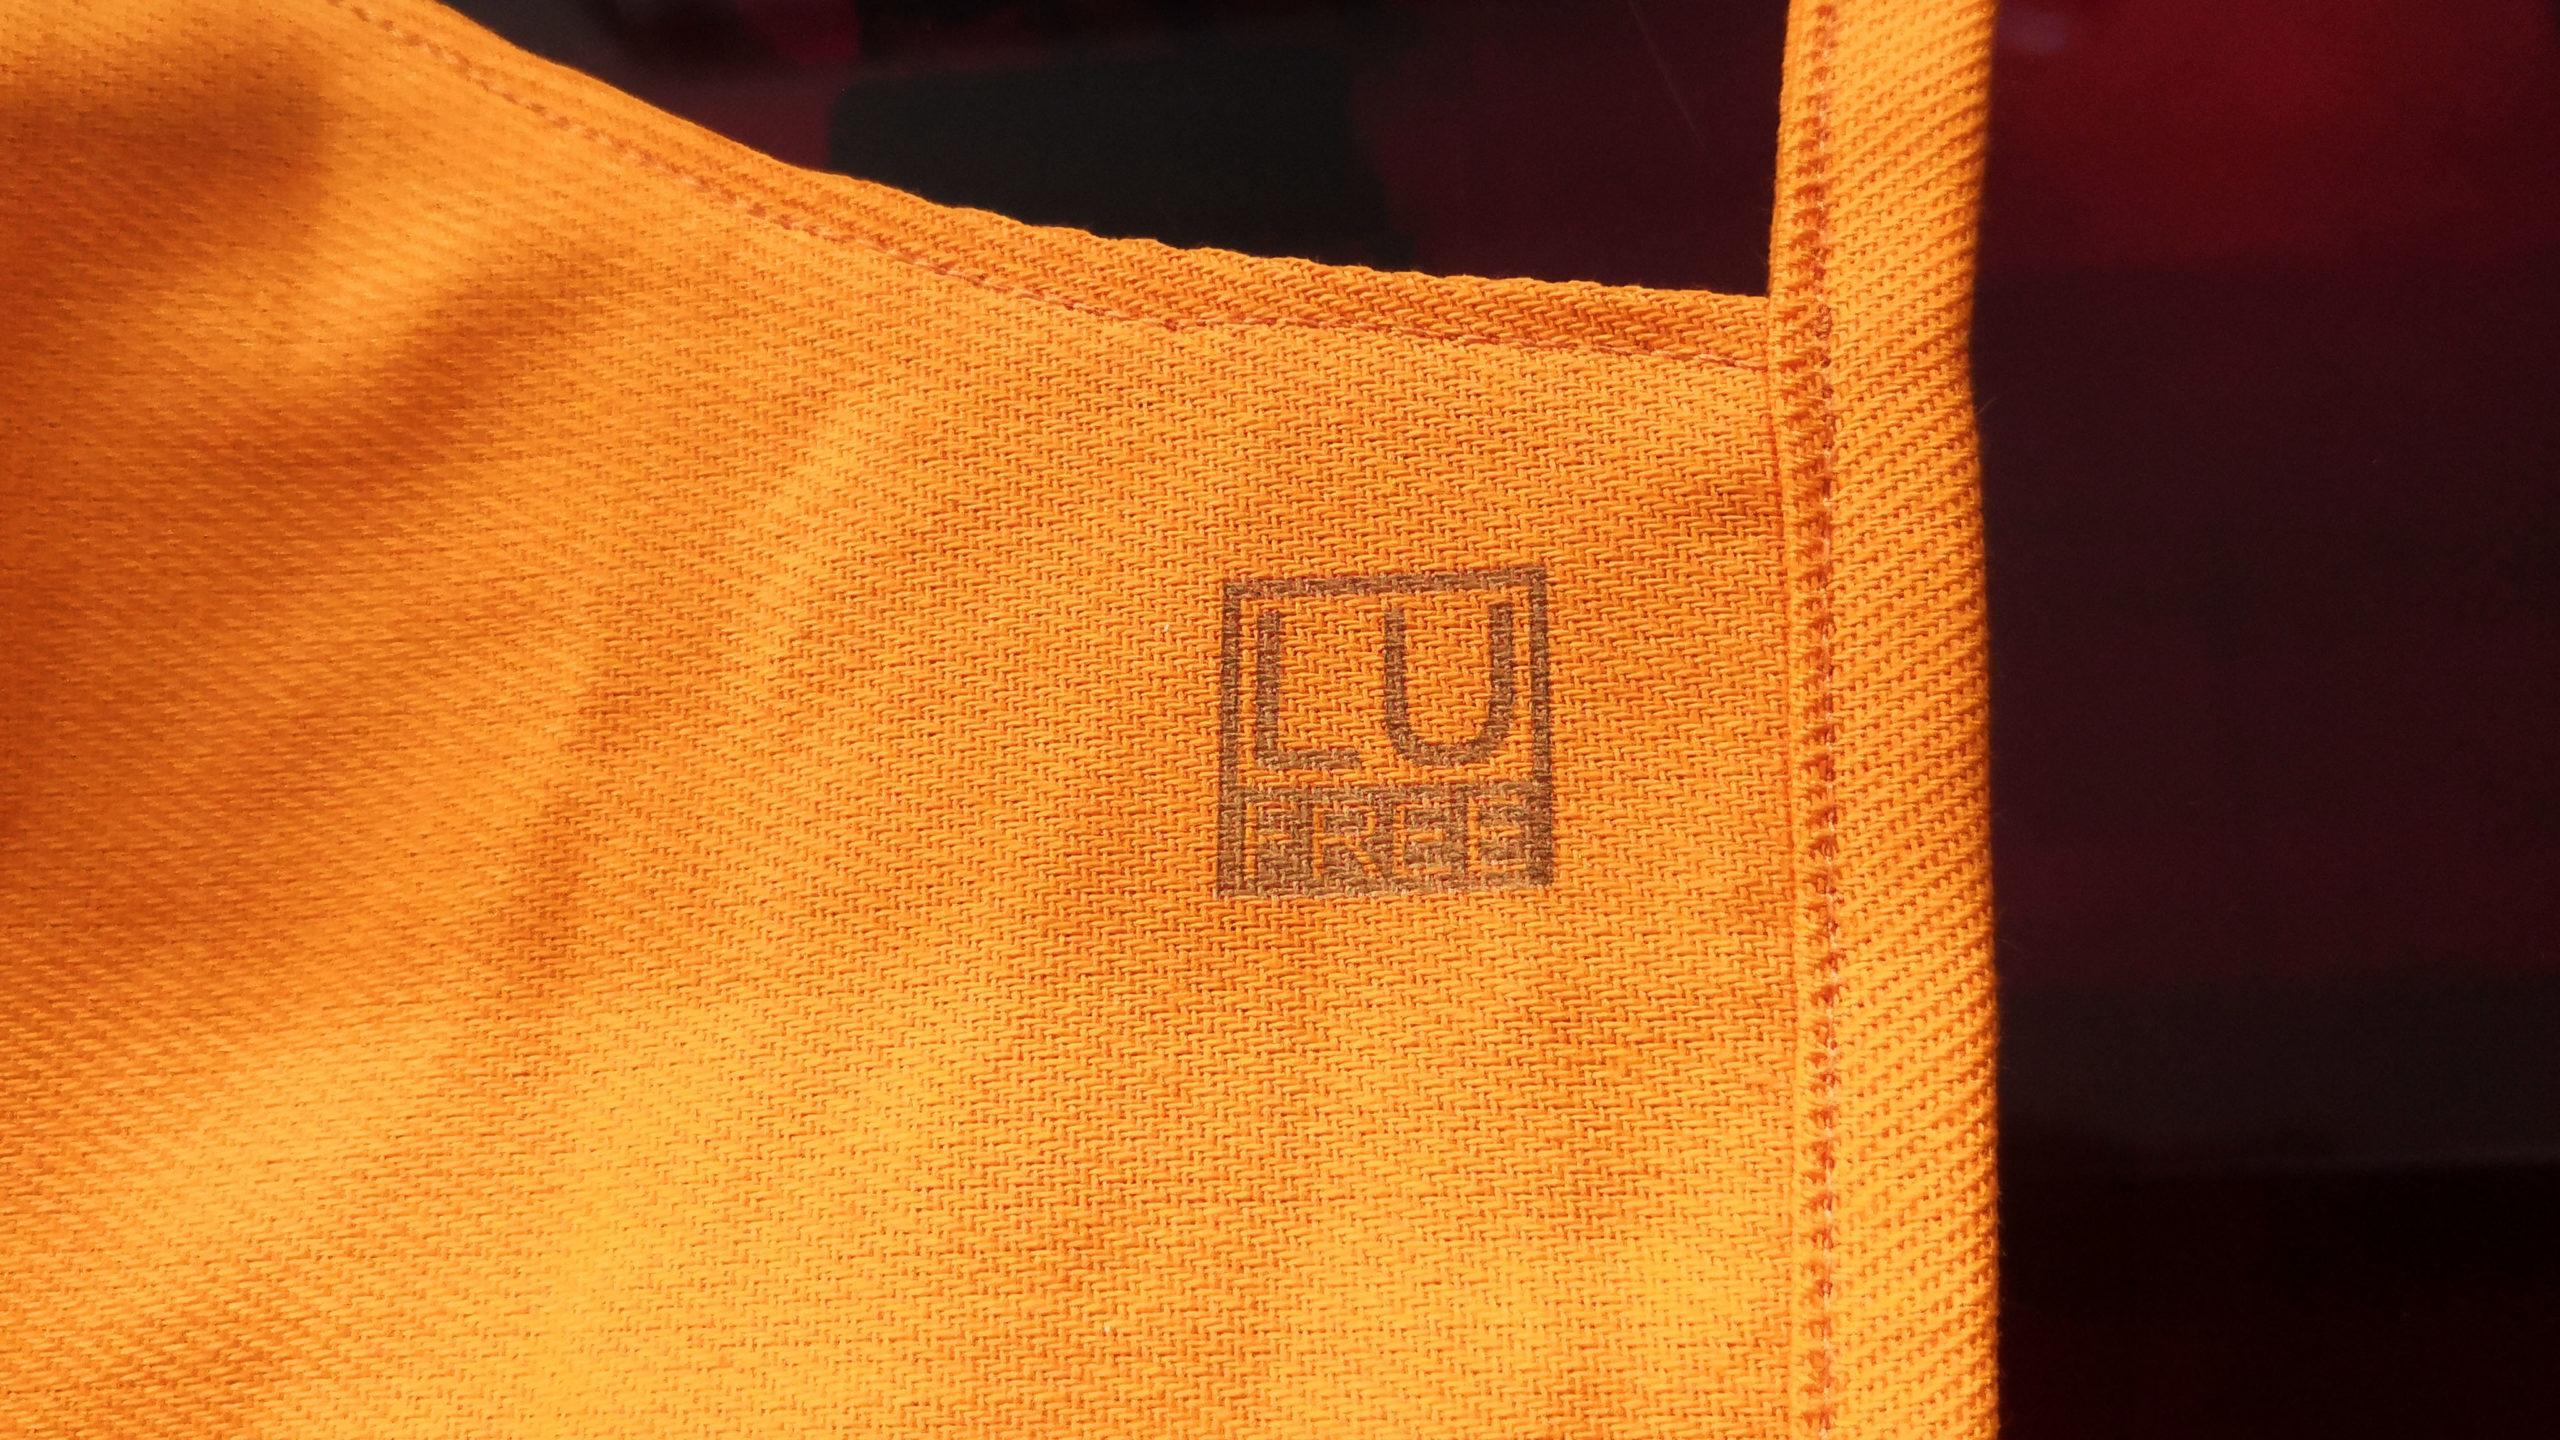 Vygravírované logo na bavlněné roušce